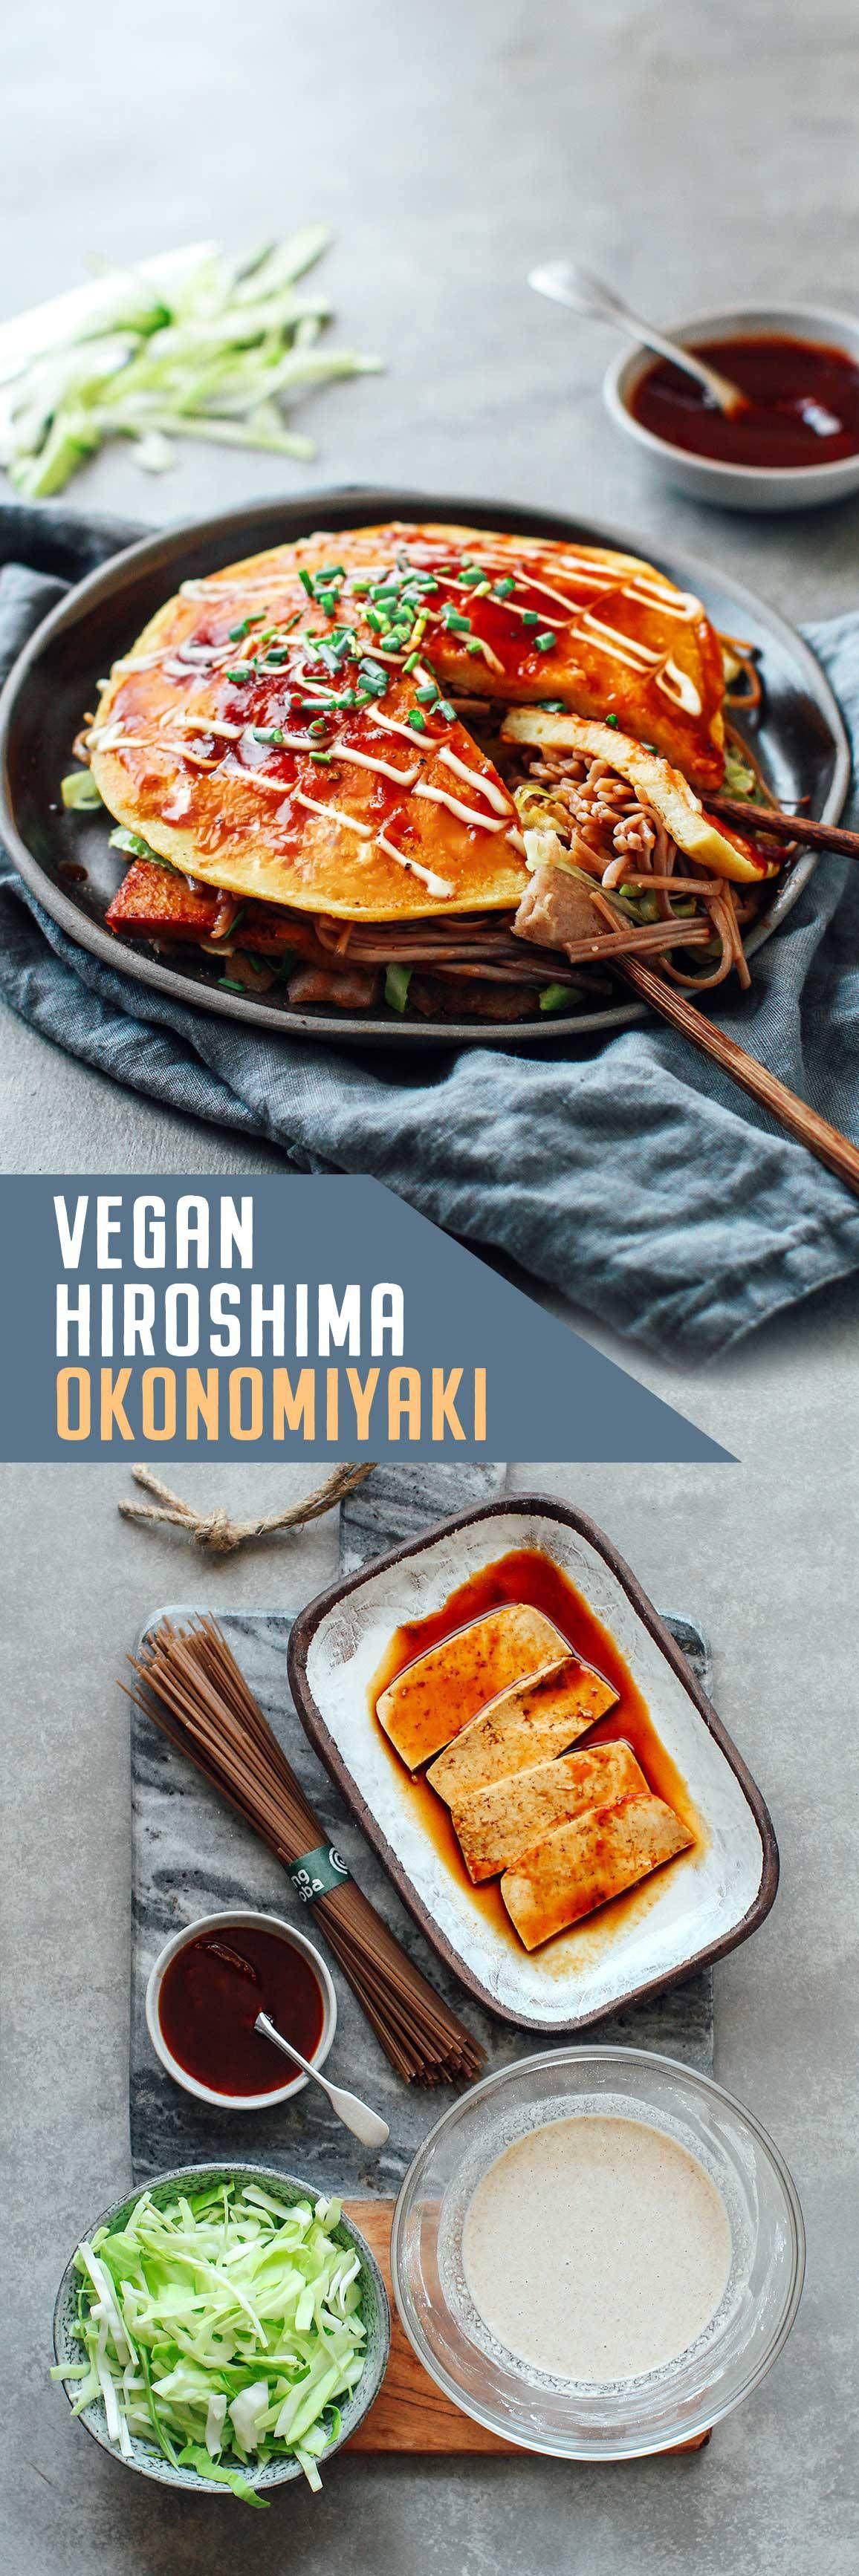 Vegan Hiroshima Style Okonomiyaki